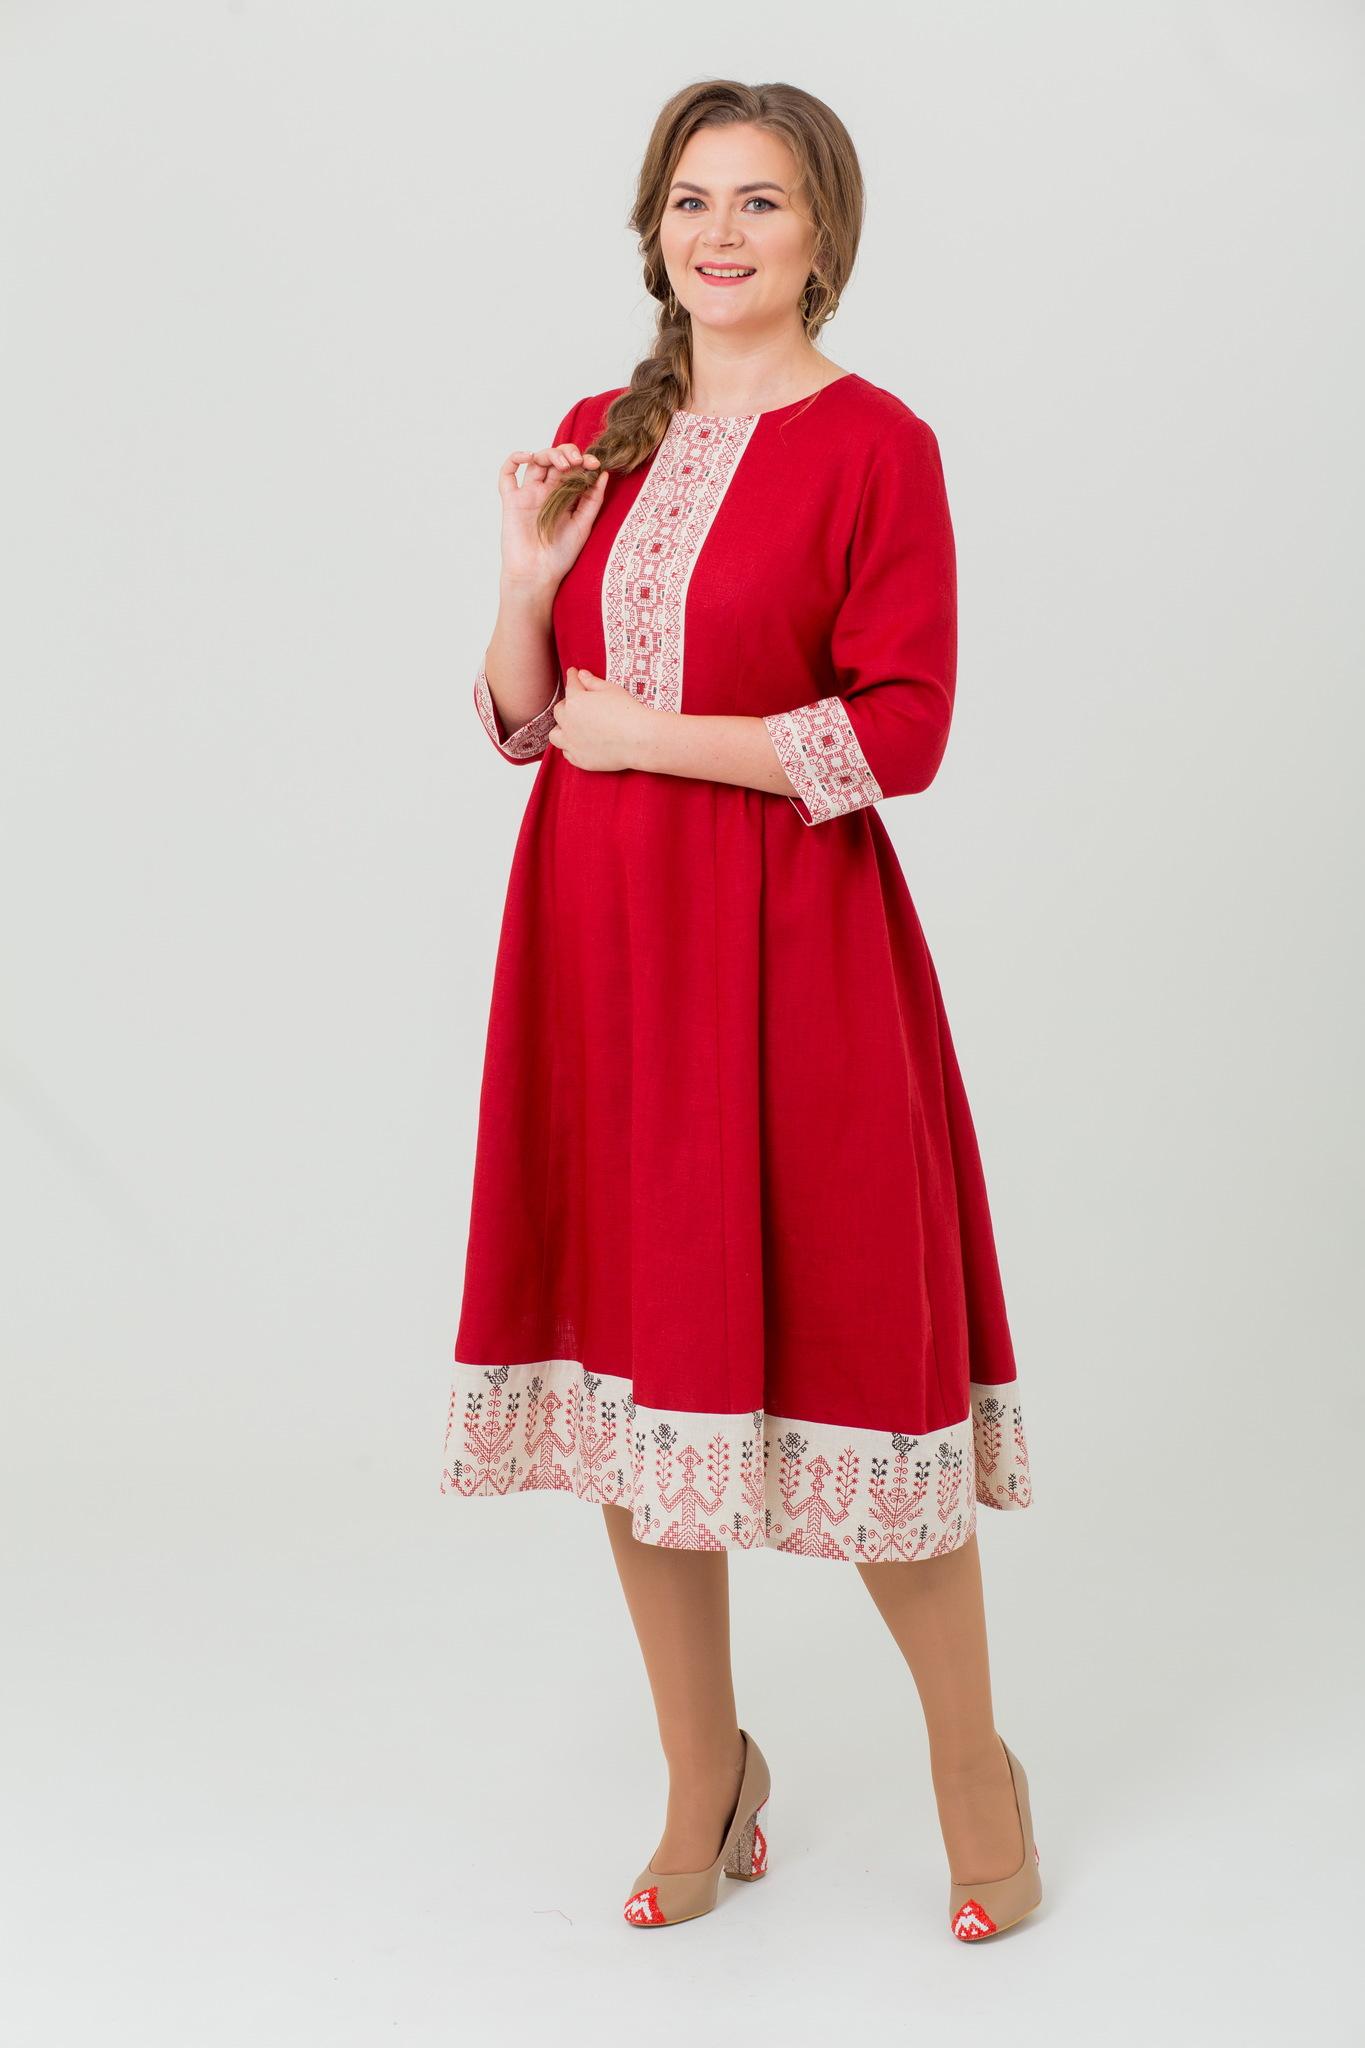 Льняное платье миди Вишнёвый сад в русском стиле